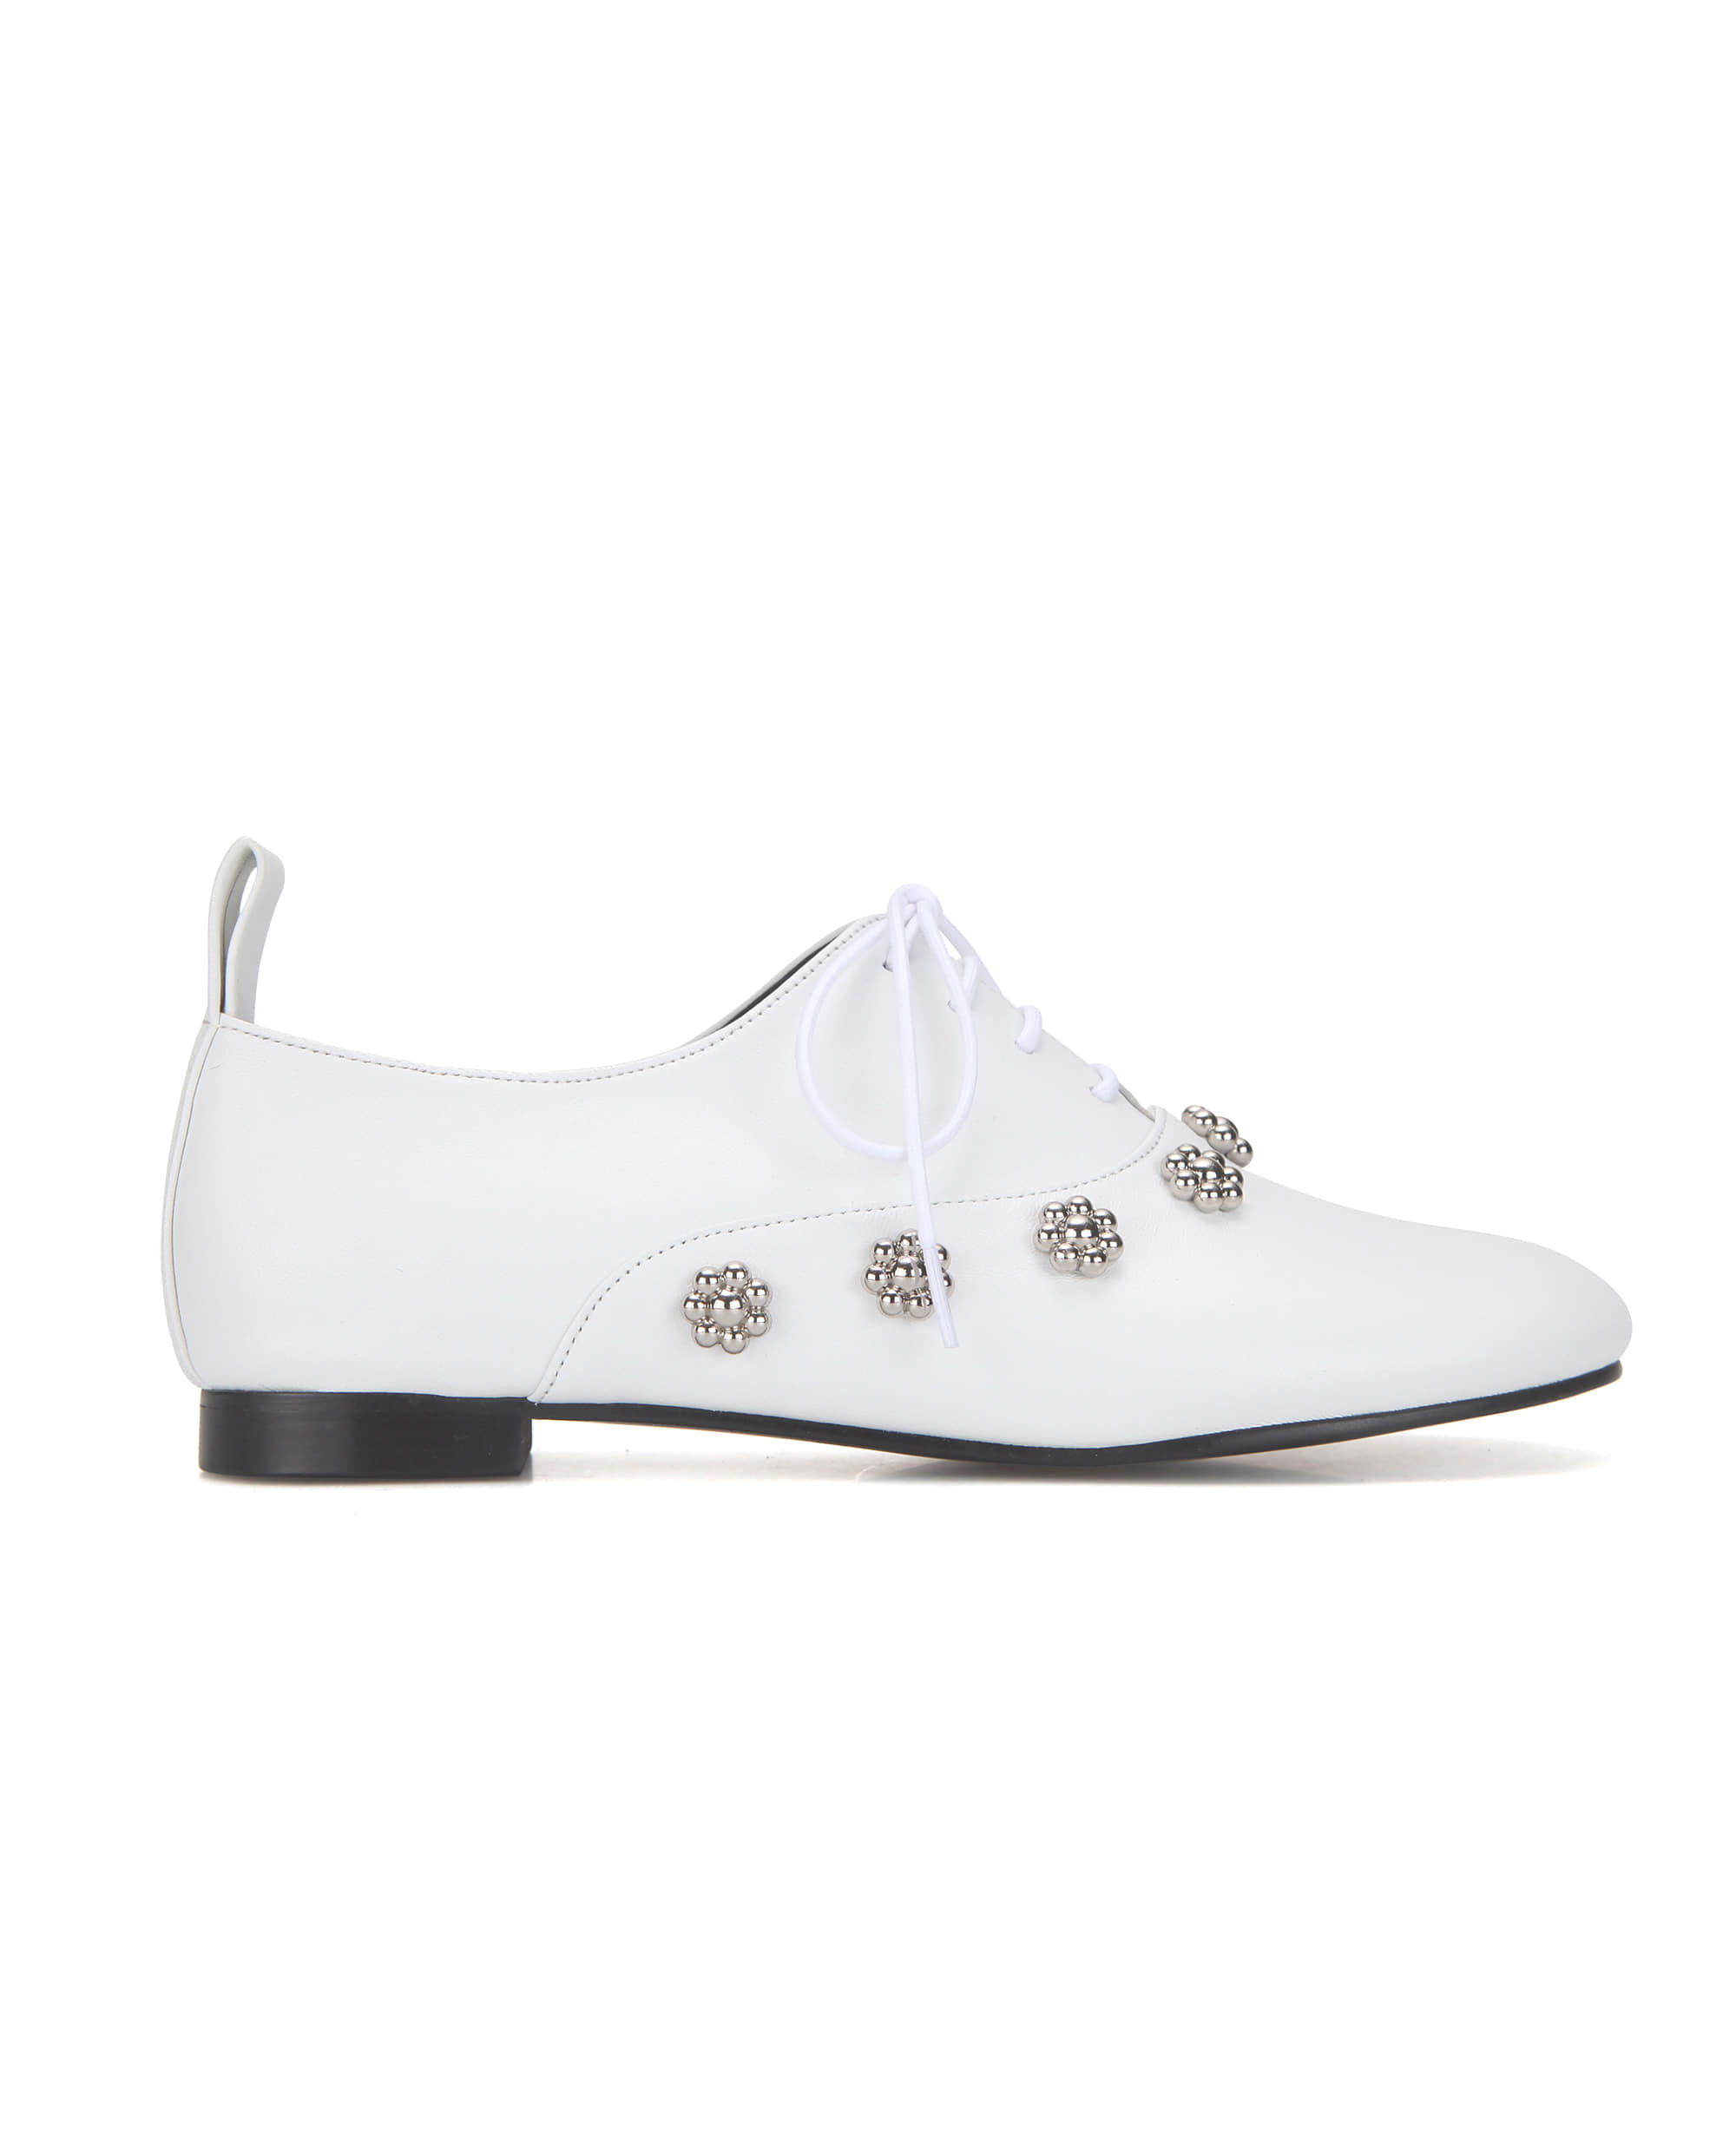 Pebble toe flower oxfords | White